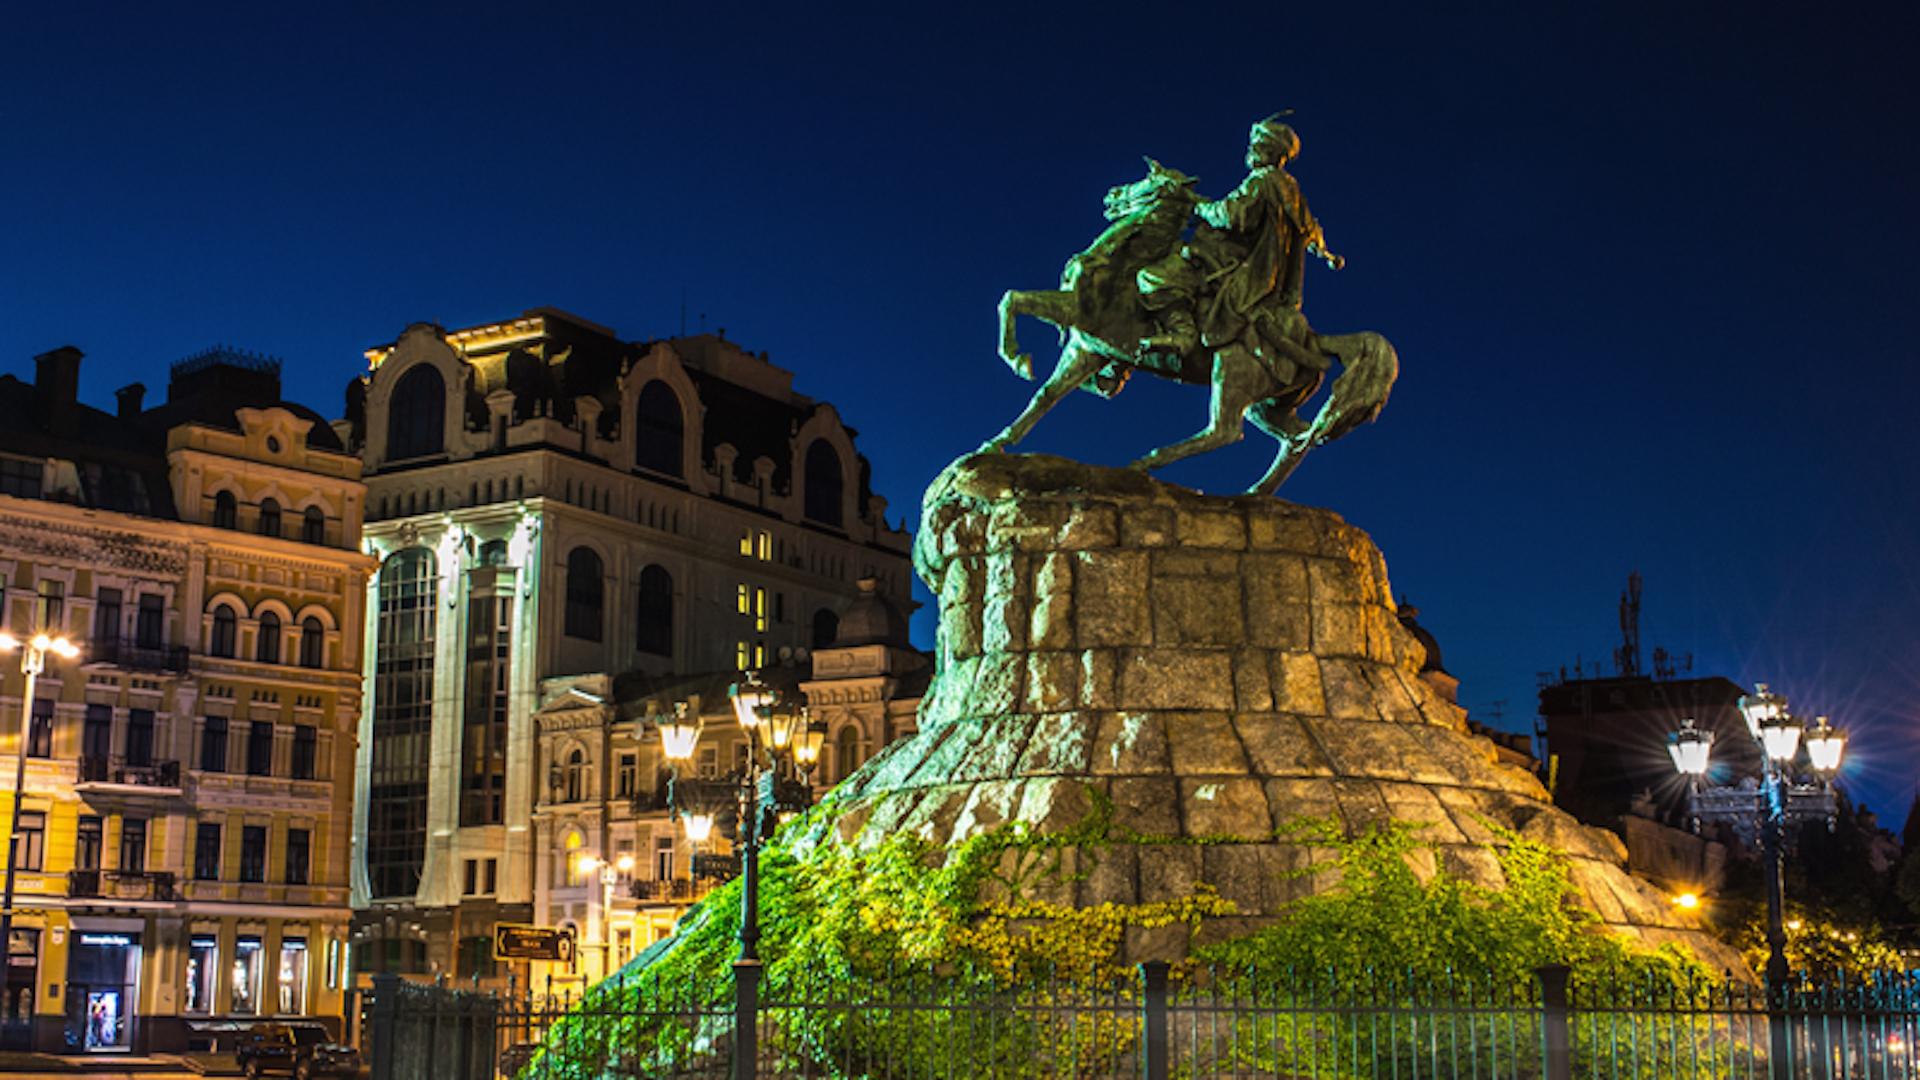 Київська міська рада затвердила зміни до свого Рішення щодо встановлення місцевих податків і зборів в готельному секторі м. Києва